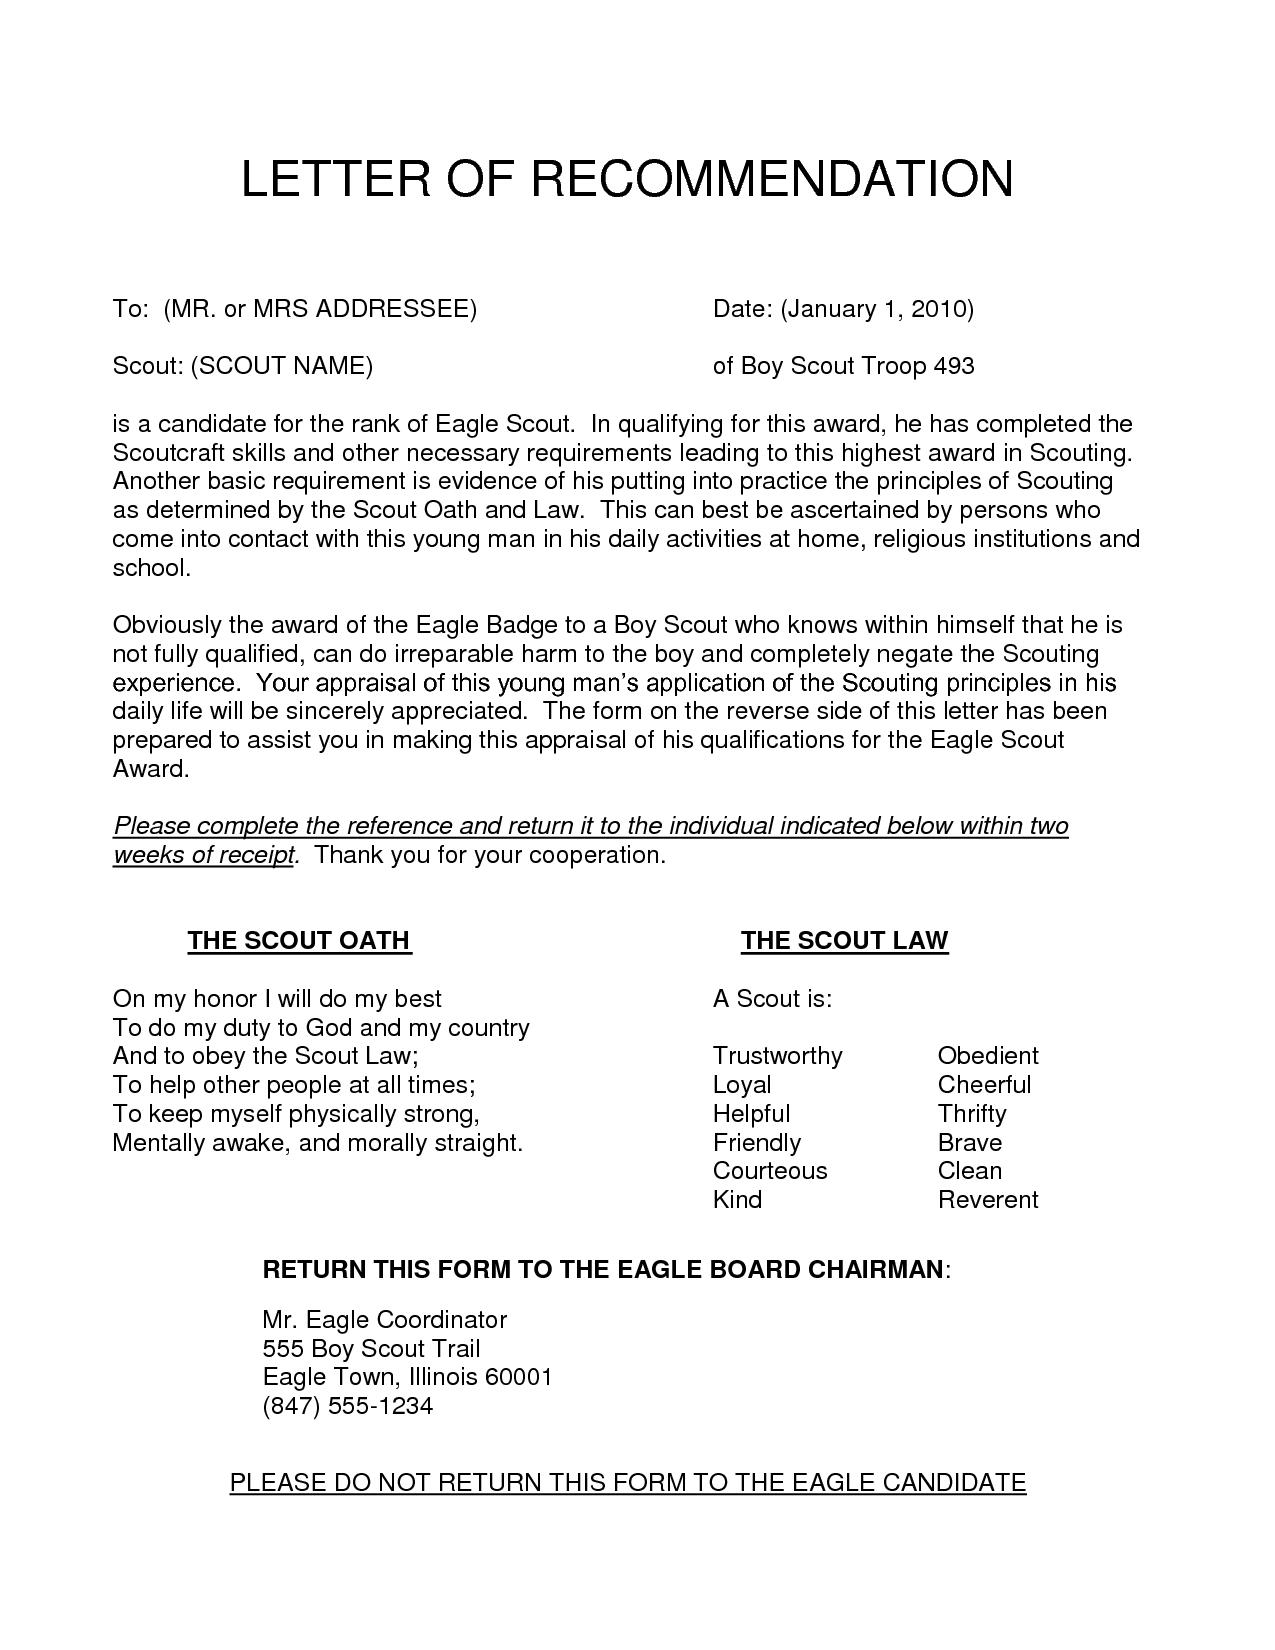 Eagle Scout Recommendation Letter Template - Content 2016 10 Eagle Scout